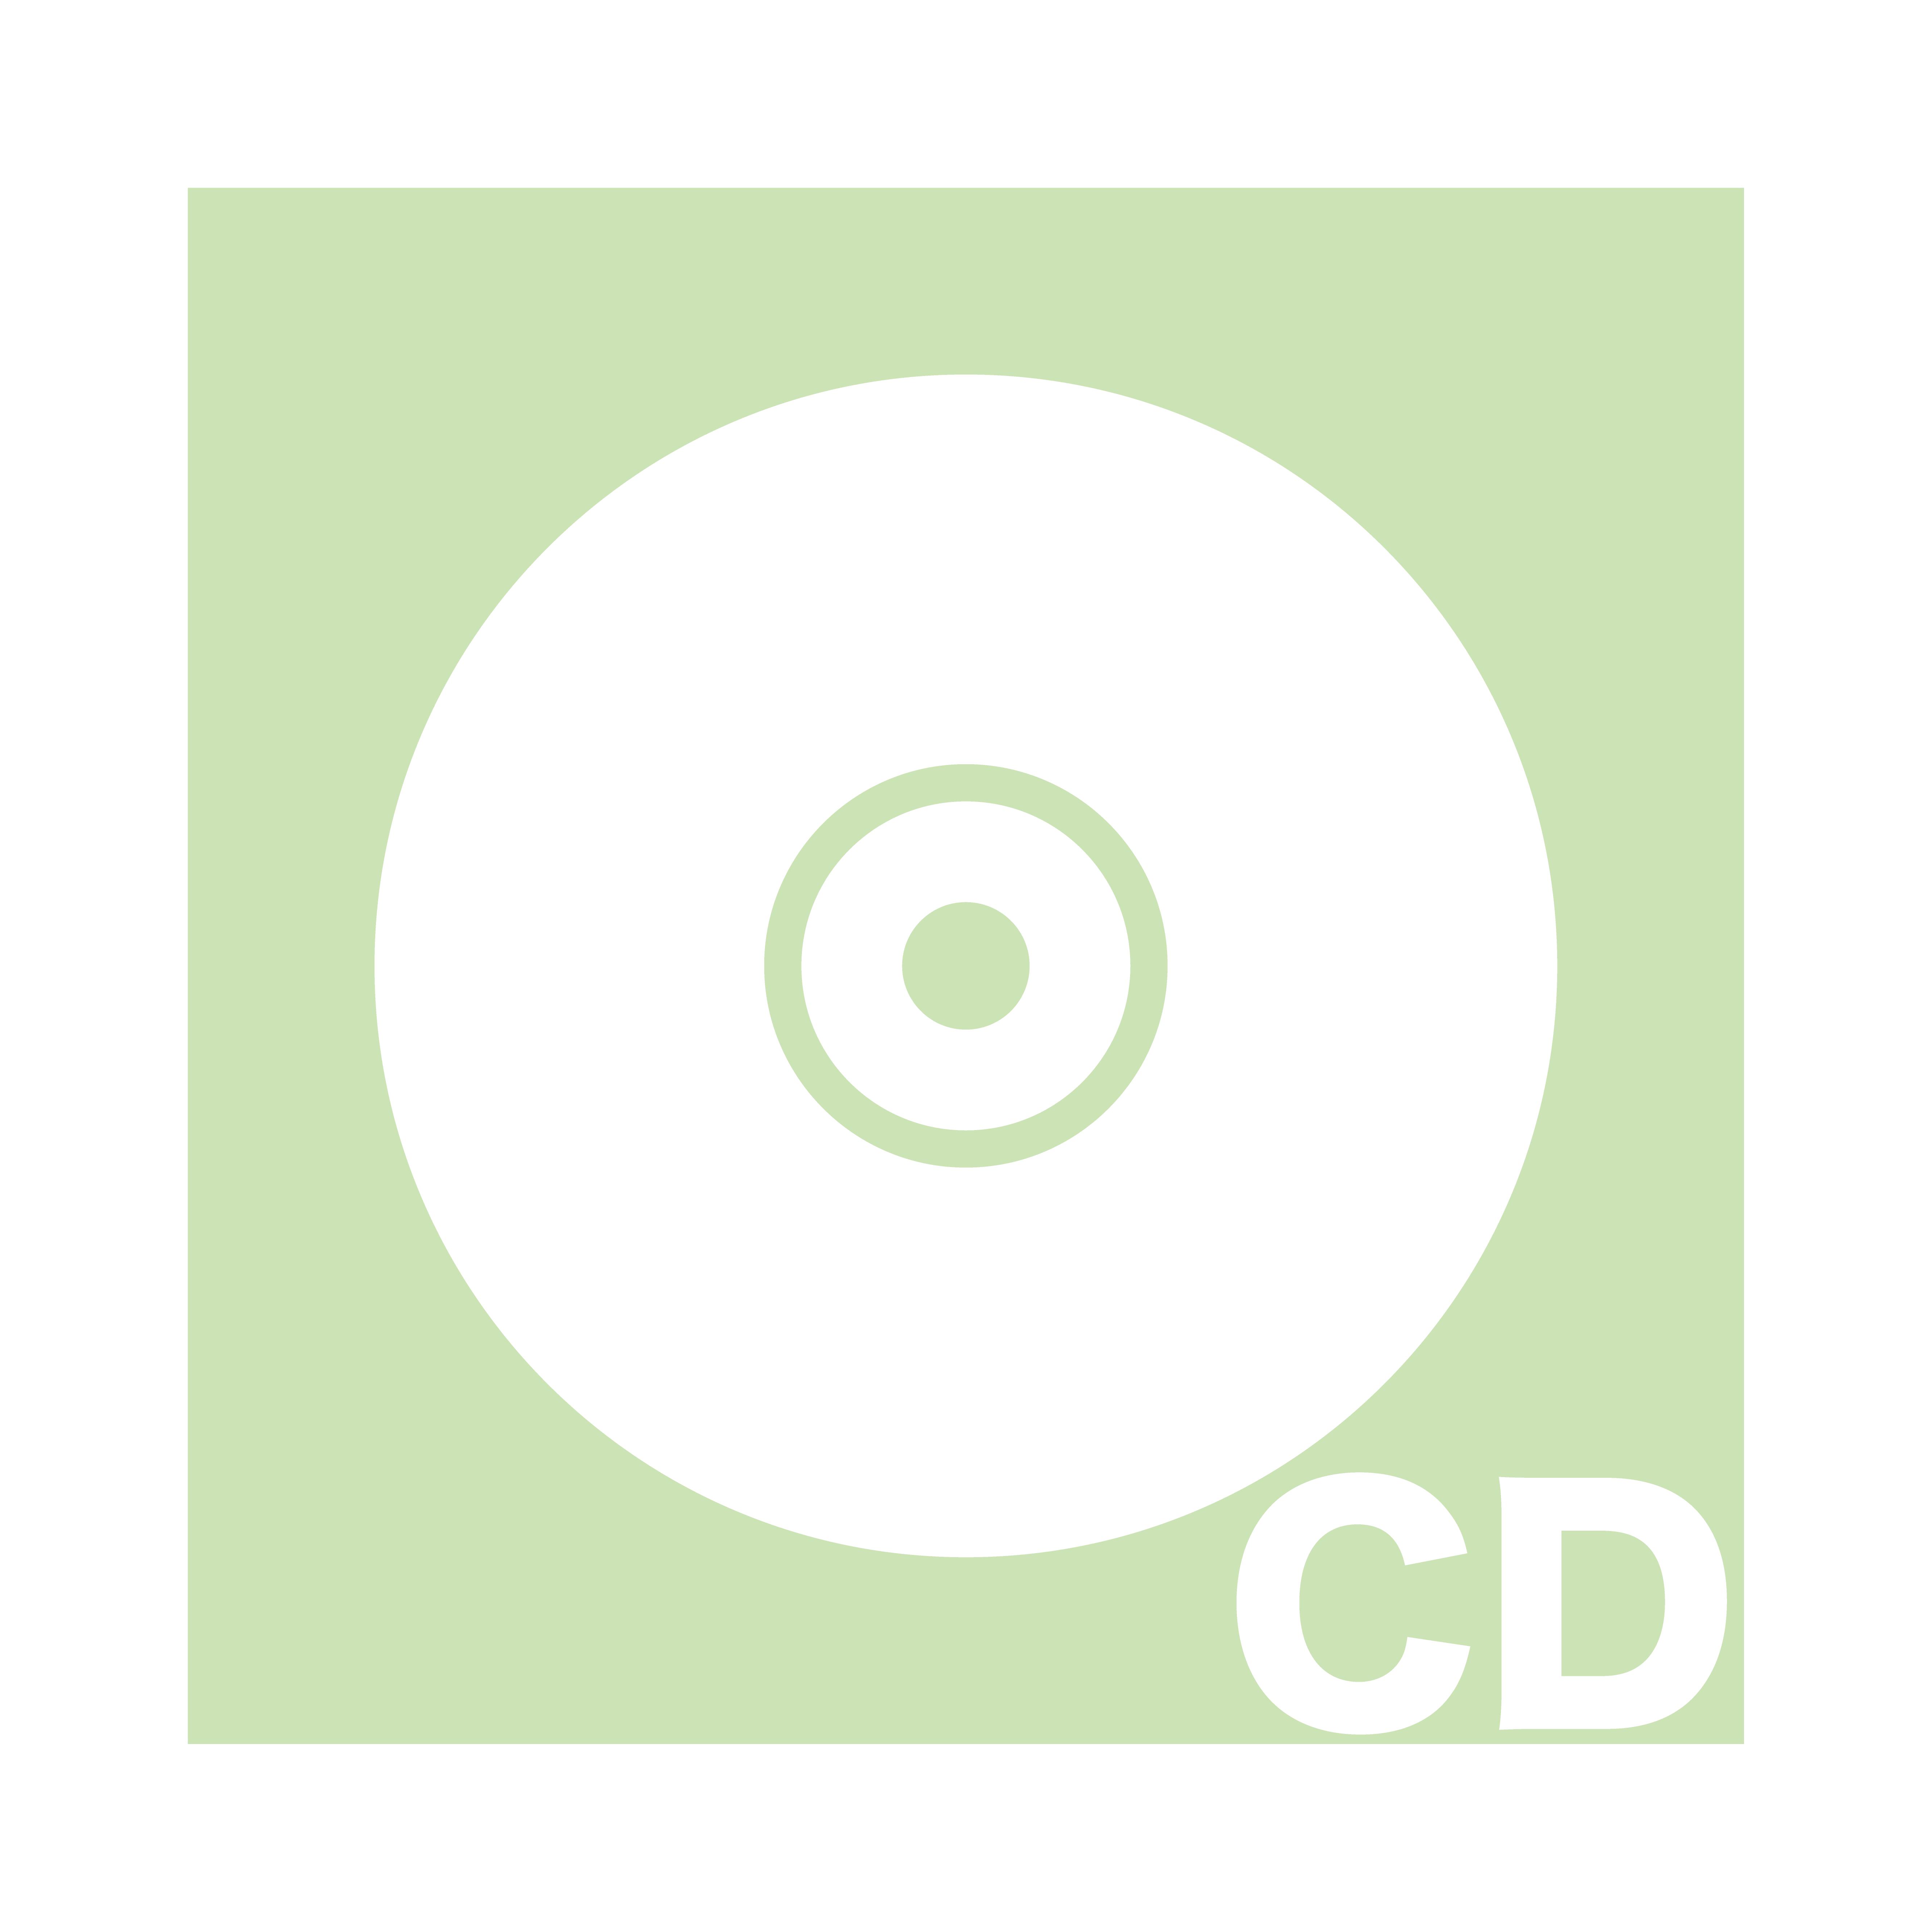 [CD]『タイトル未定(9曲収録)』の画像